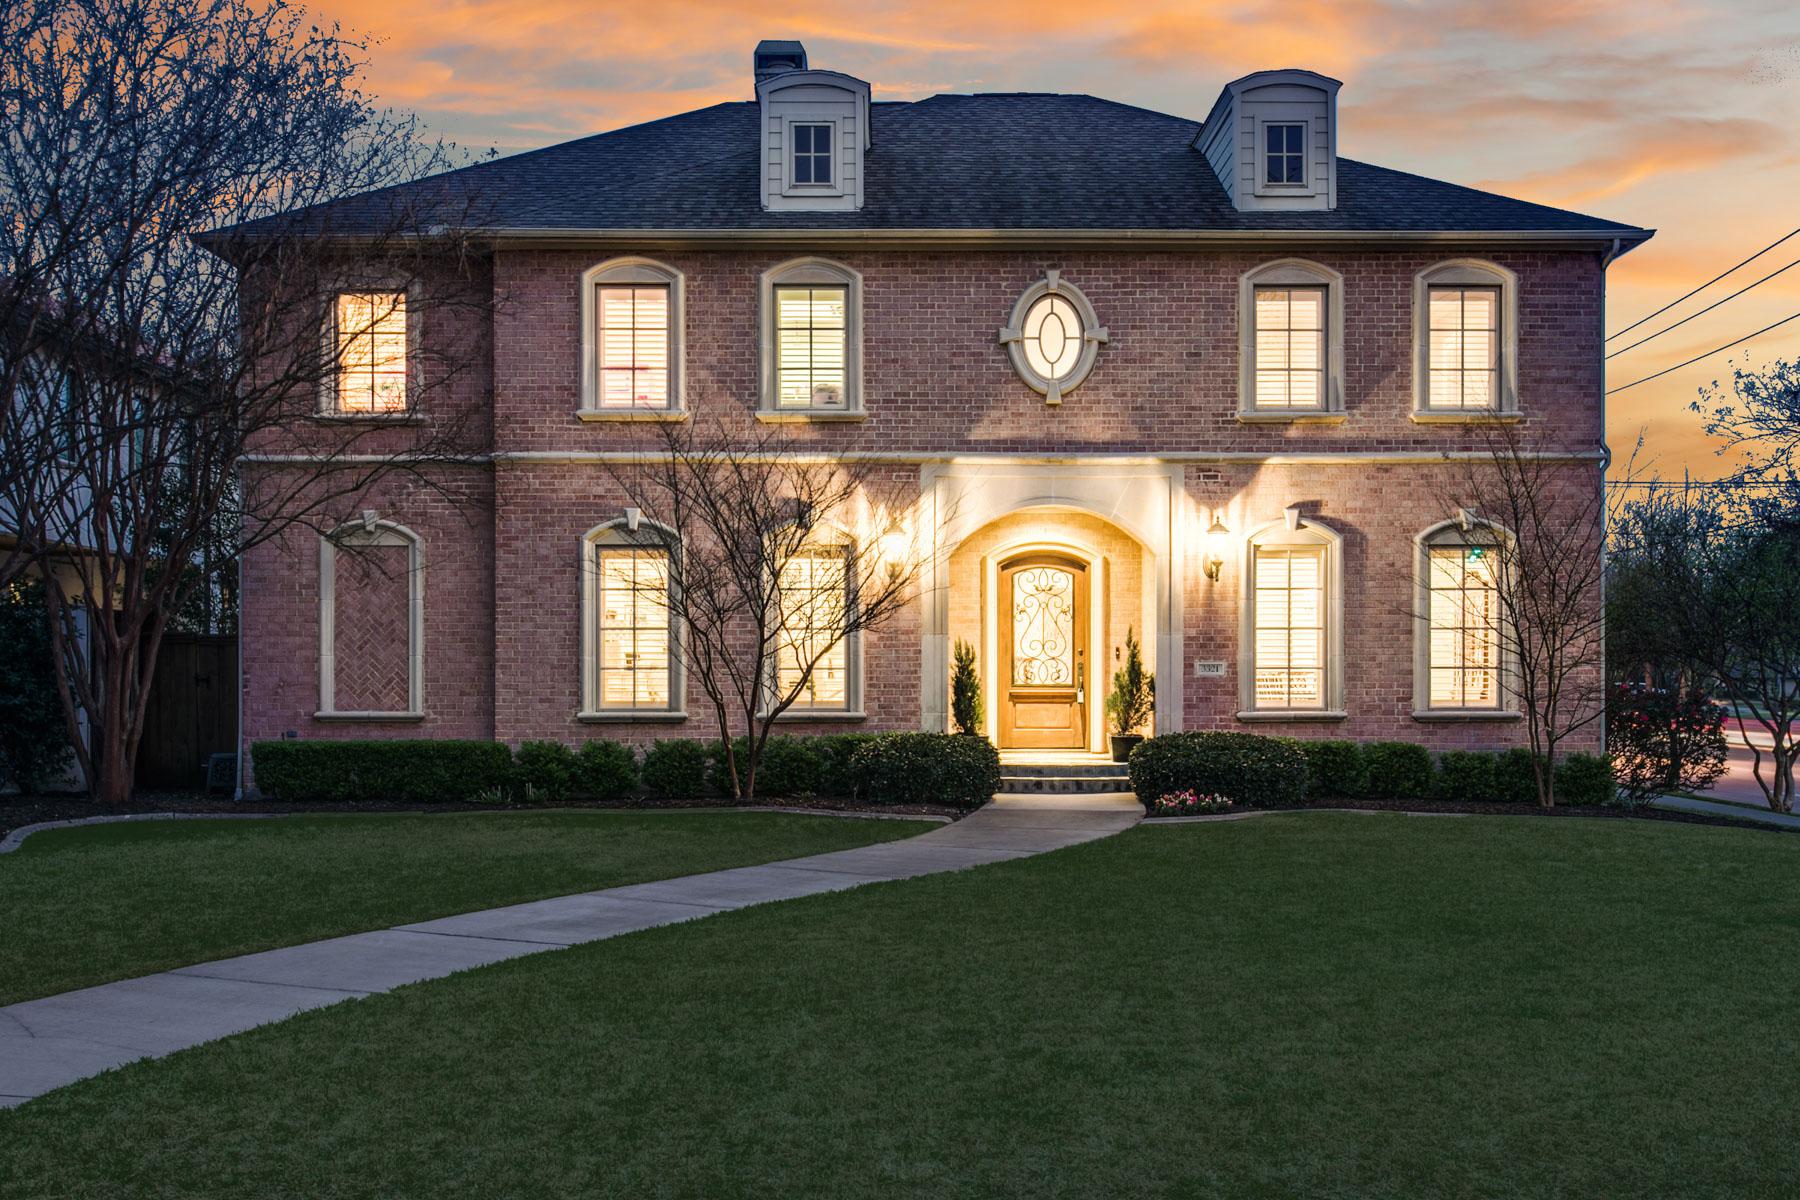 Частный односемейный дом для того Продажа на Stately Traditional University Park Home 3321 Caruth Blvd Dallas, Техас, 75225 Соединенные Штаты